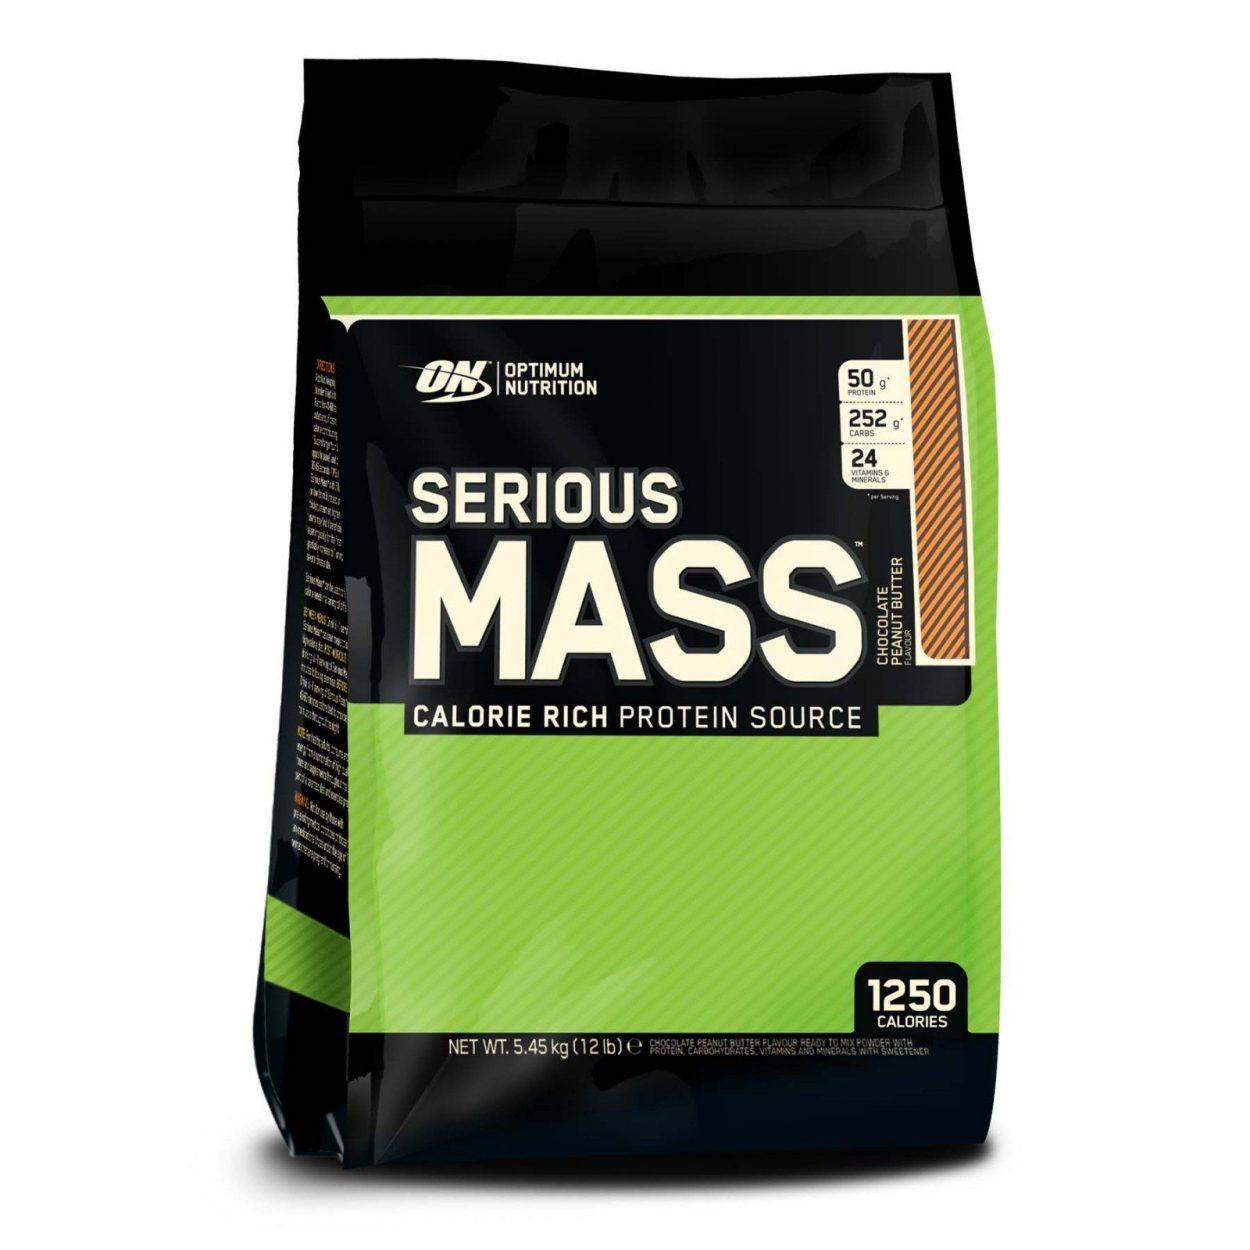 Optimum Nutrition Serious Mass Weight Gain - 5.45kg - Chocolate Peanut Butter